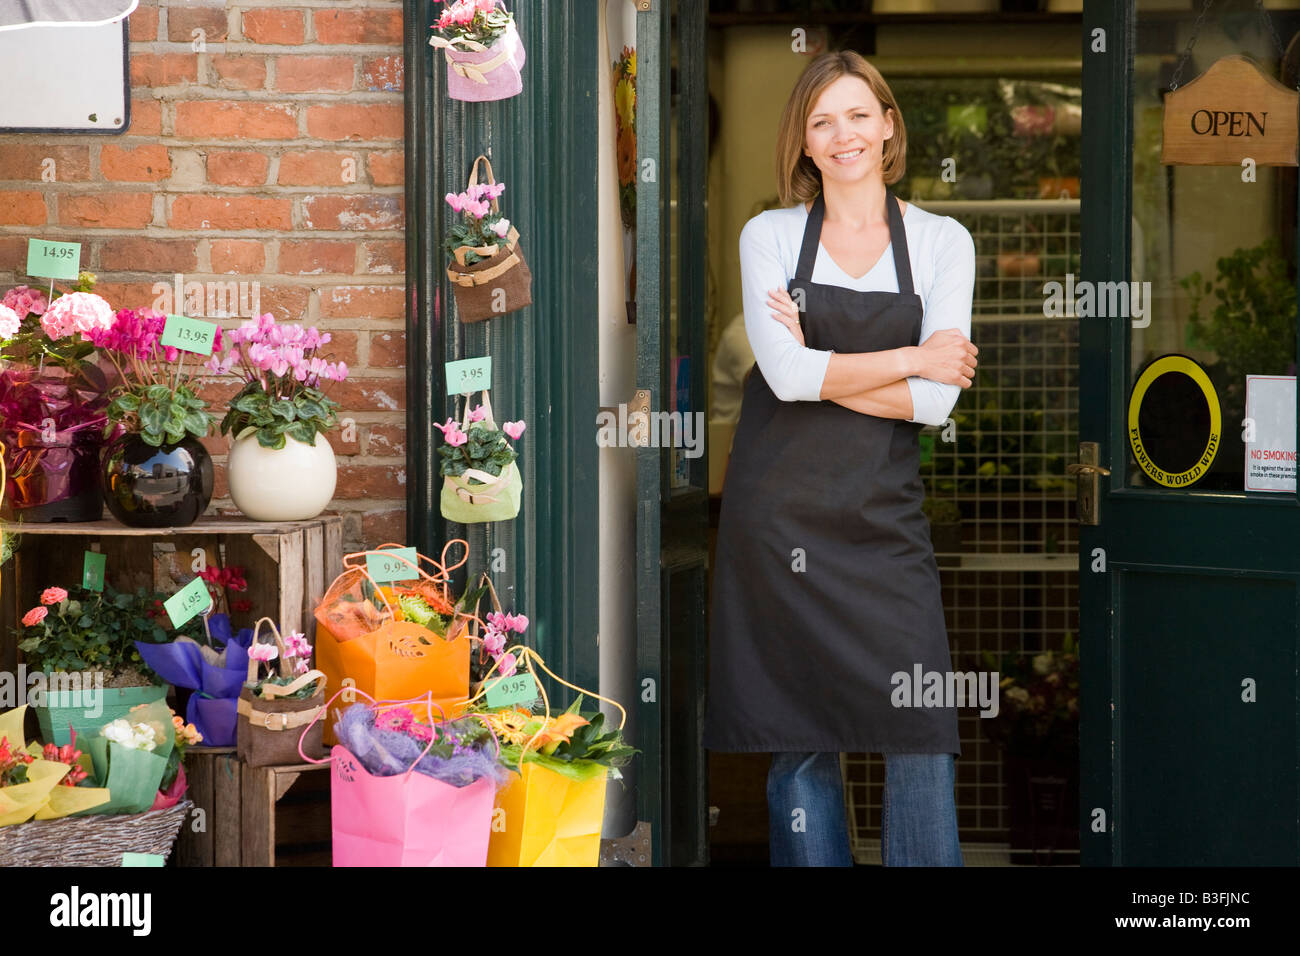 Femme travaillant au magasin de fleur smiling Photo Stock